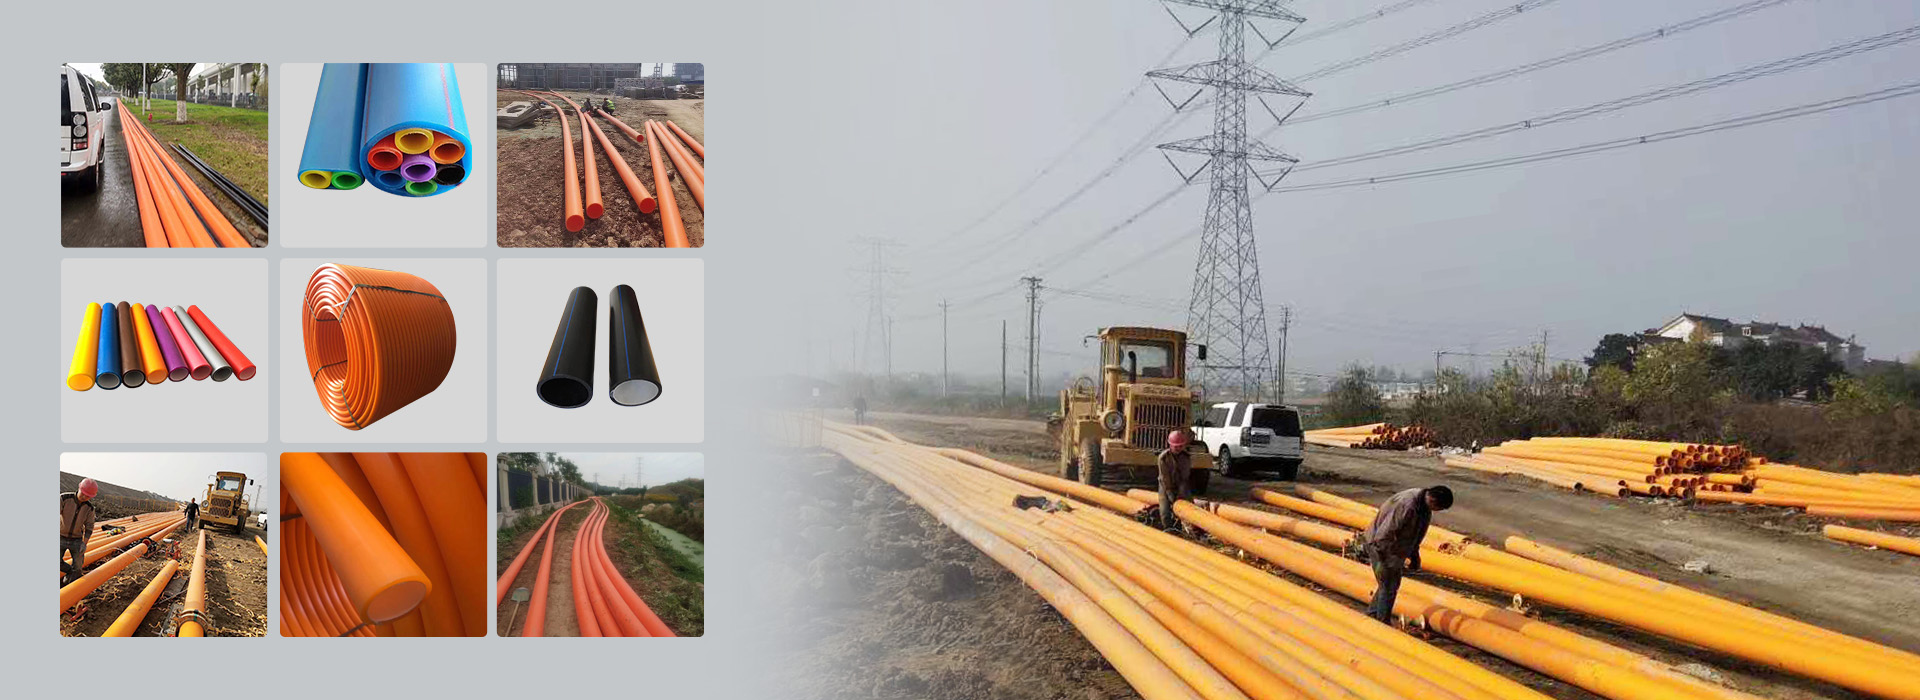 电力、通信线缆护套管系统解决方案